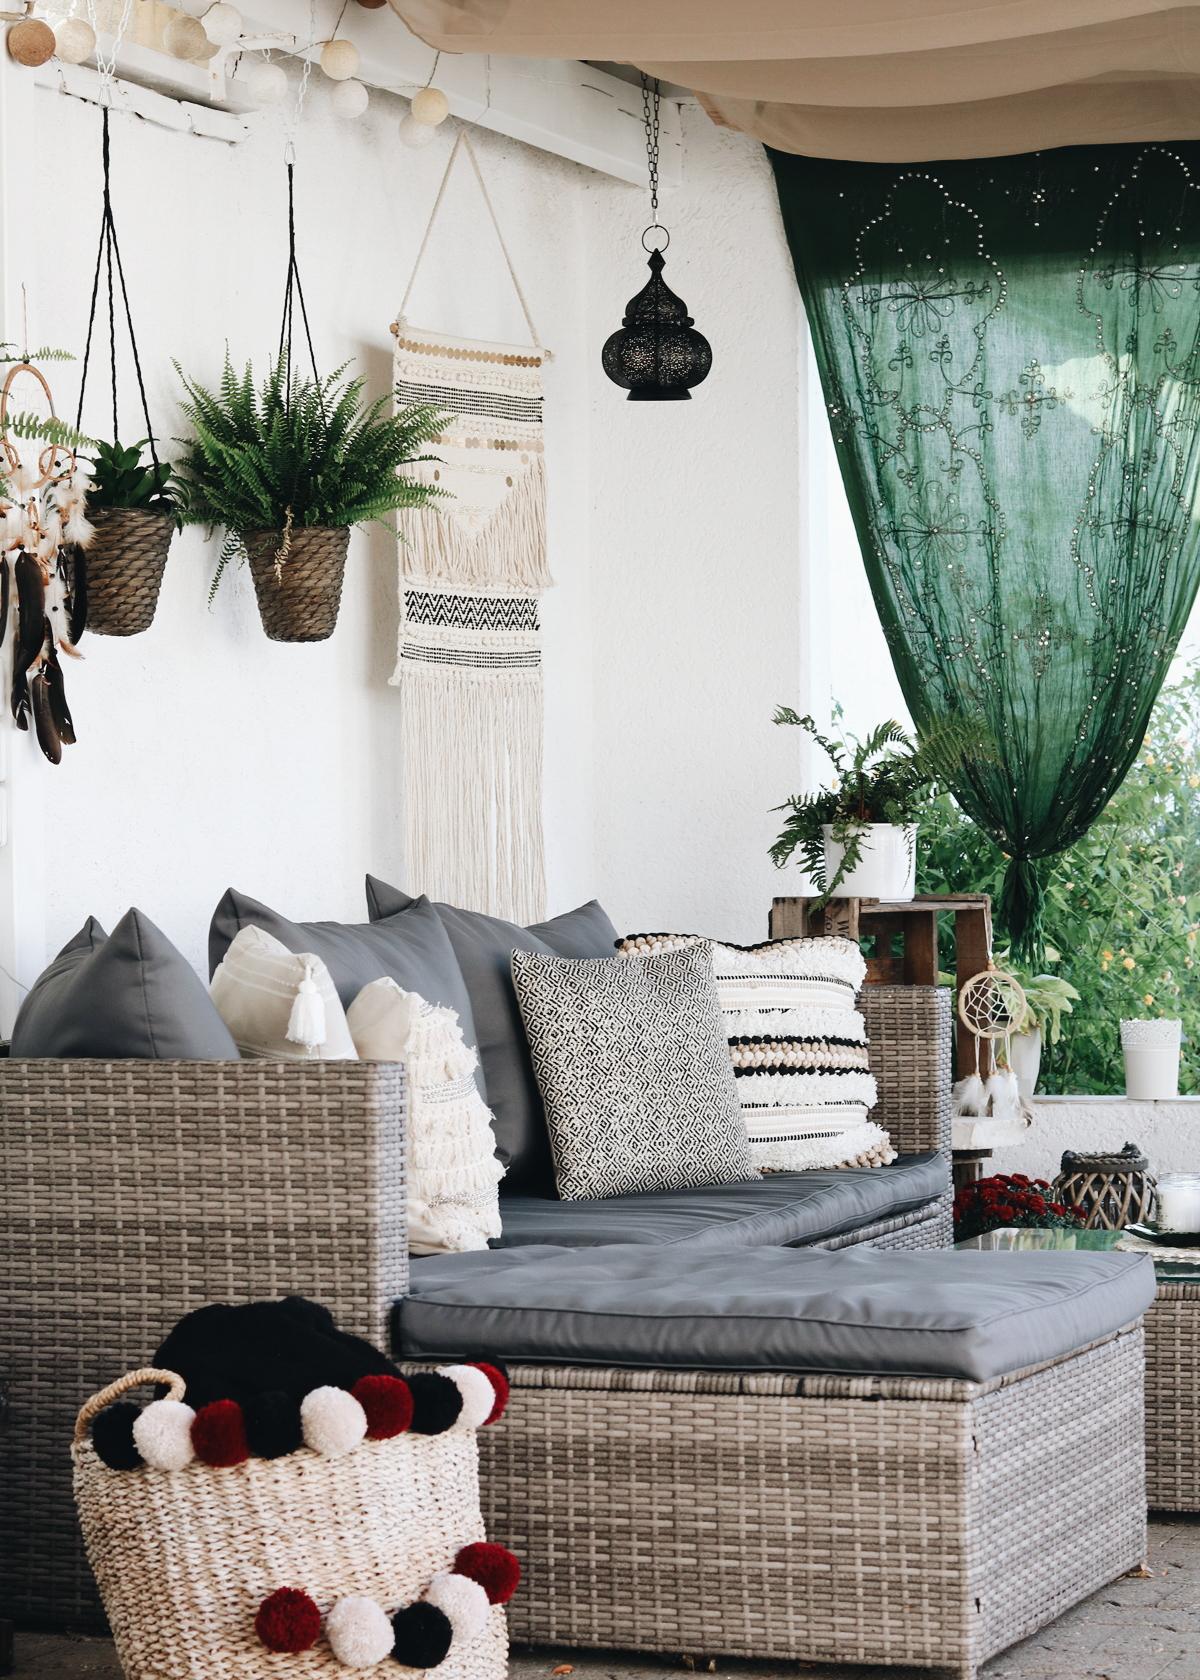 meine veranda im boho style ideen f r den garten lavie. Black Bedroom Furniture Sets. Home Design Ideas